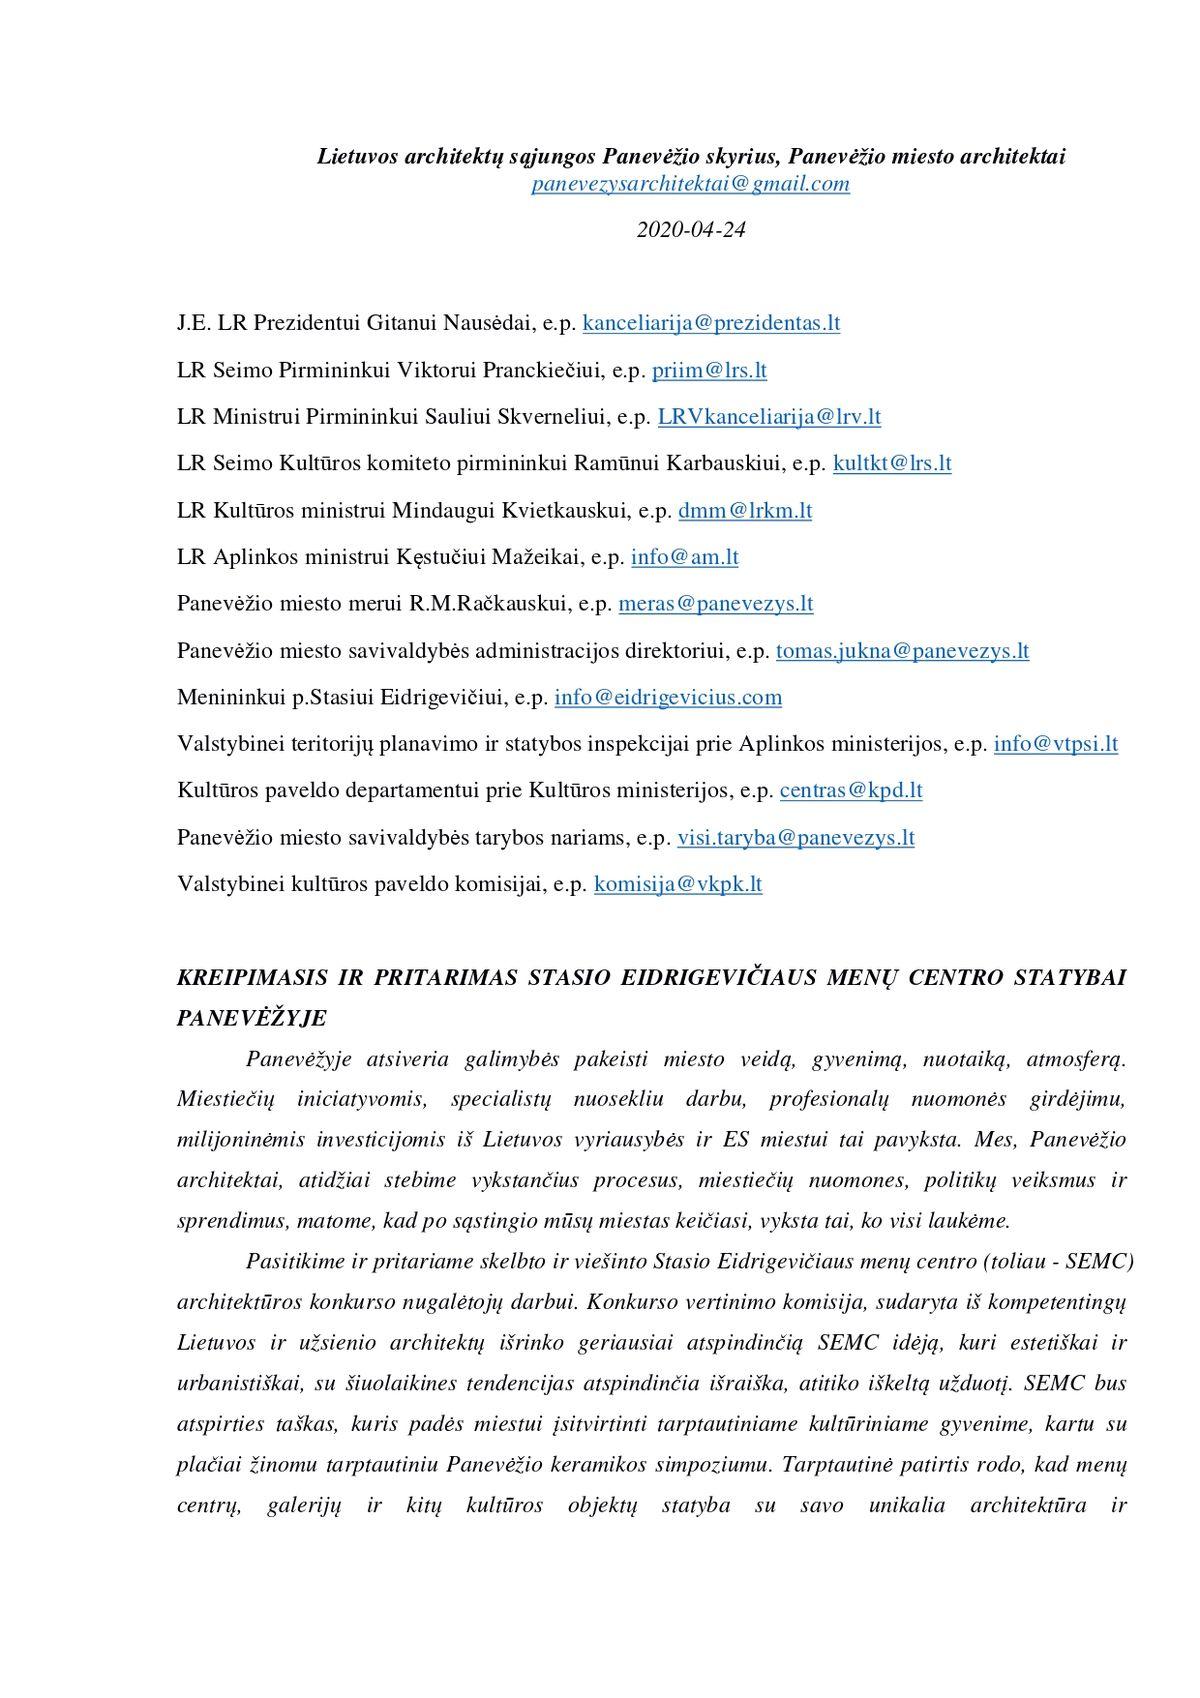 Panevėžio architektų Kreipimasis dėl paramos SEMC projektui (faksimilė)